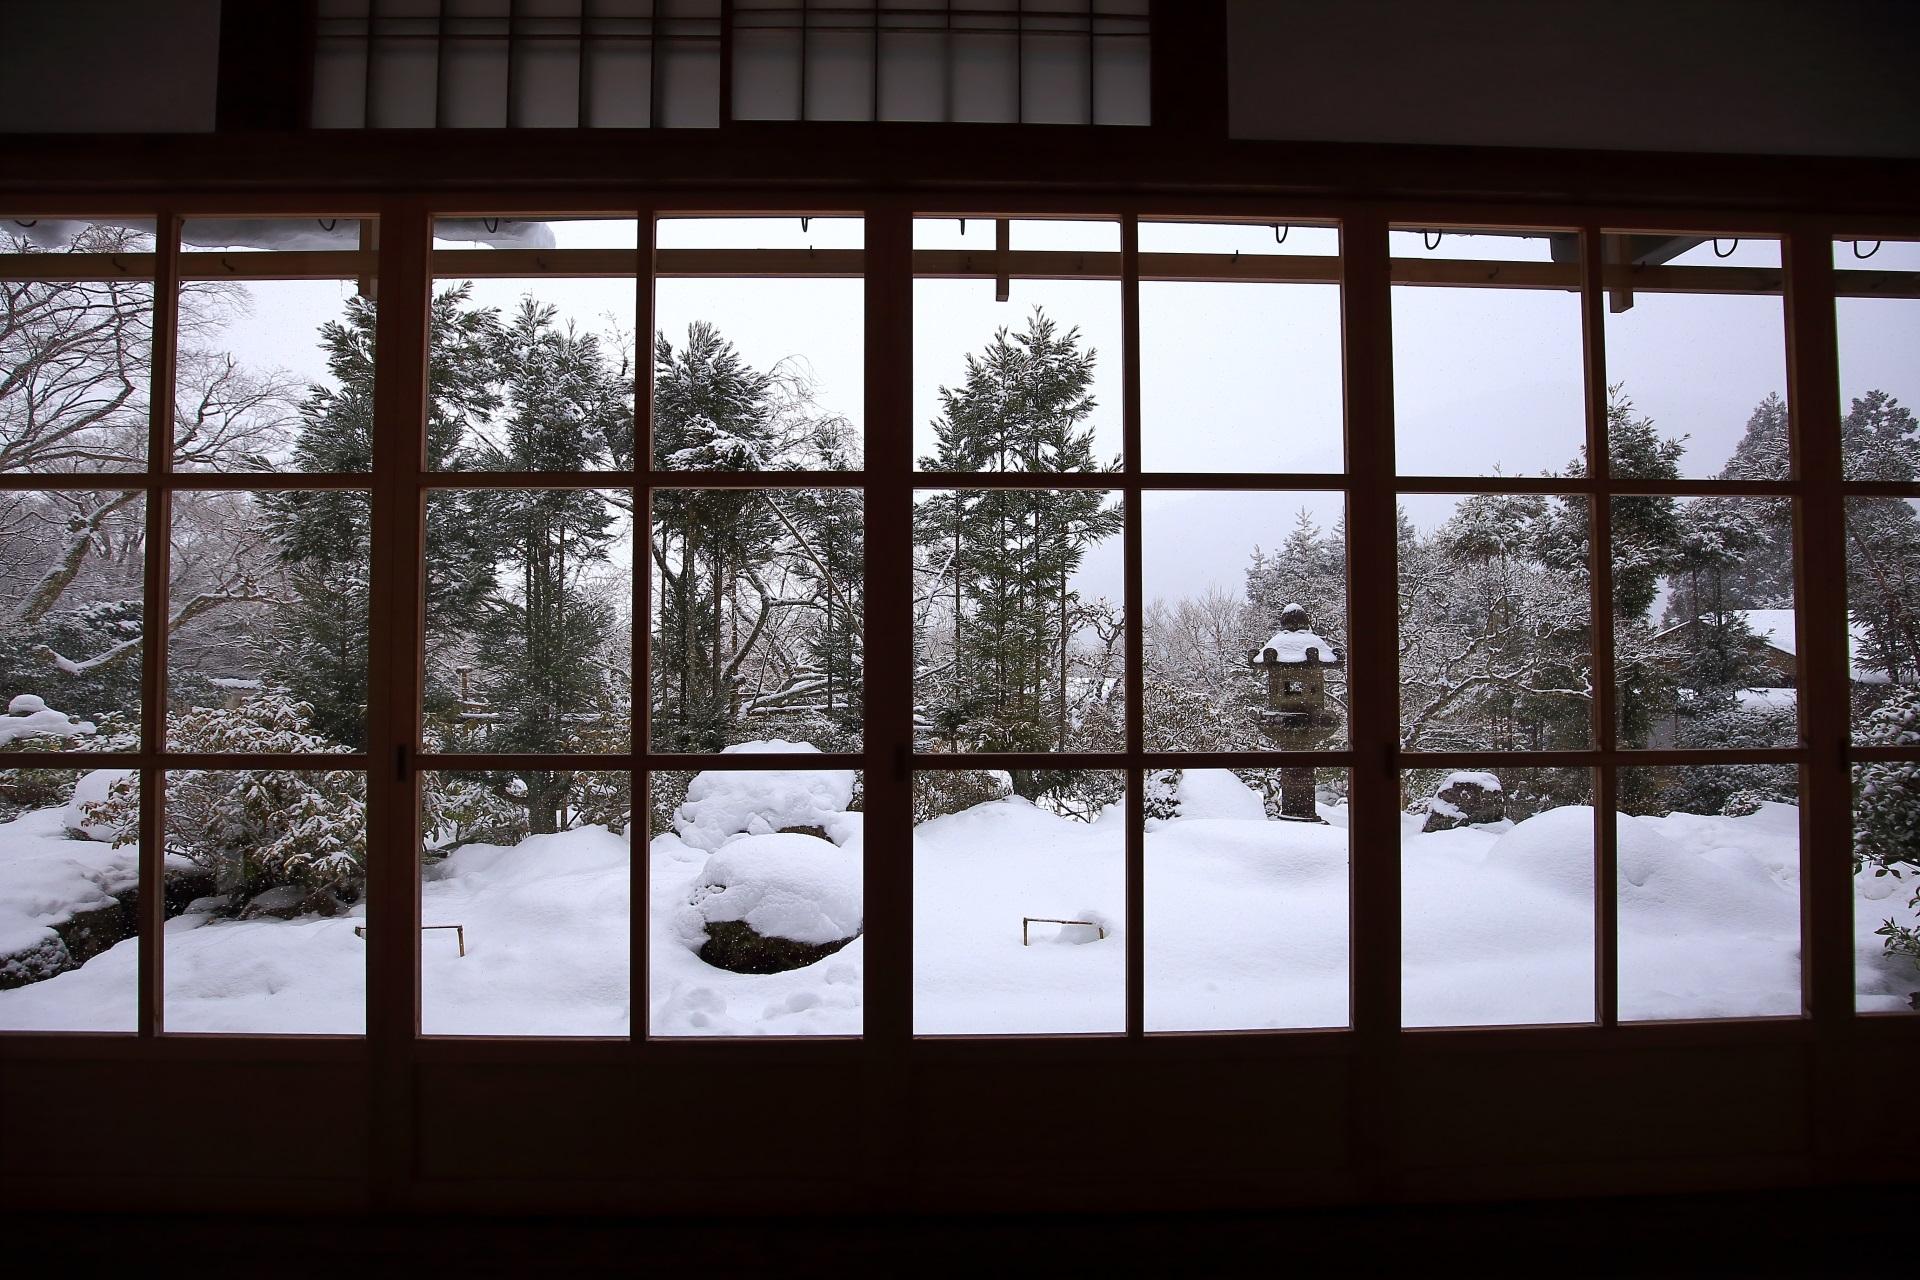 旧普賢院庭園(契心園)の雪景色